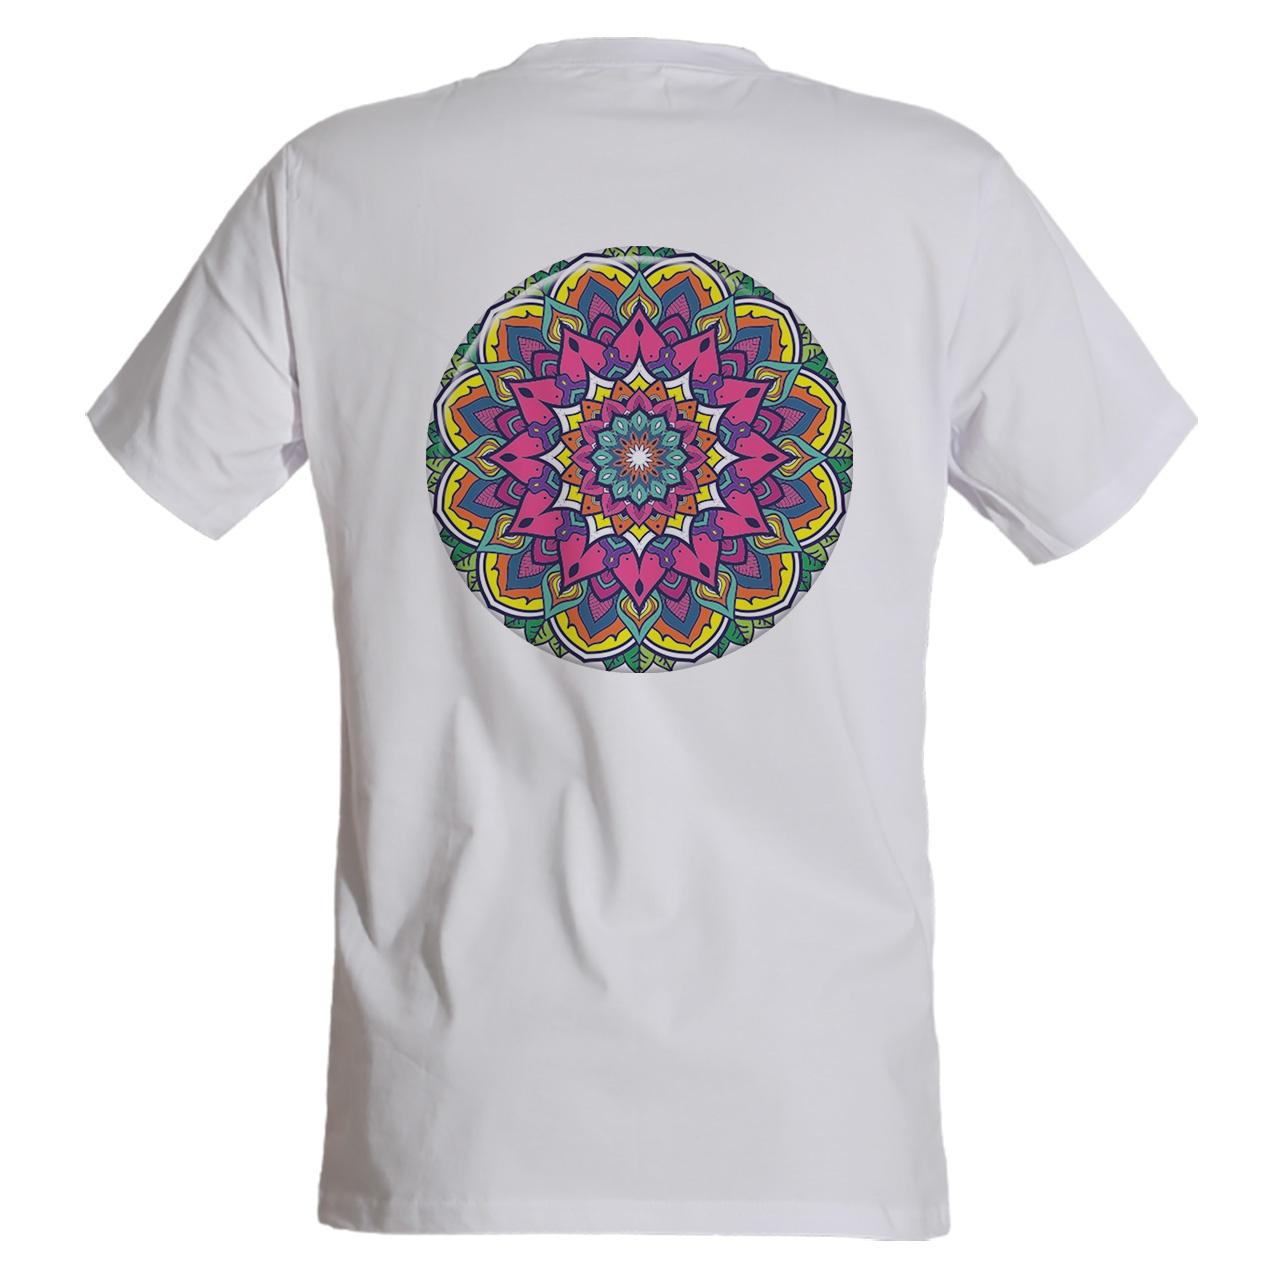 تی شرت مردانه مسترمانی طرح سنتی مدل ماندالا کد 1158